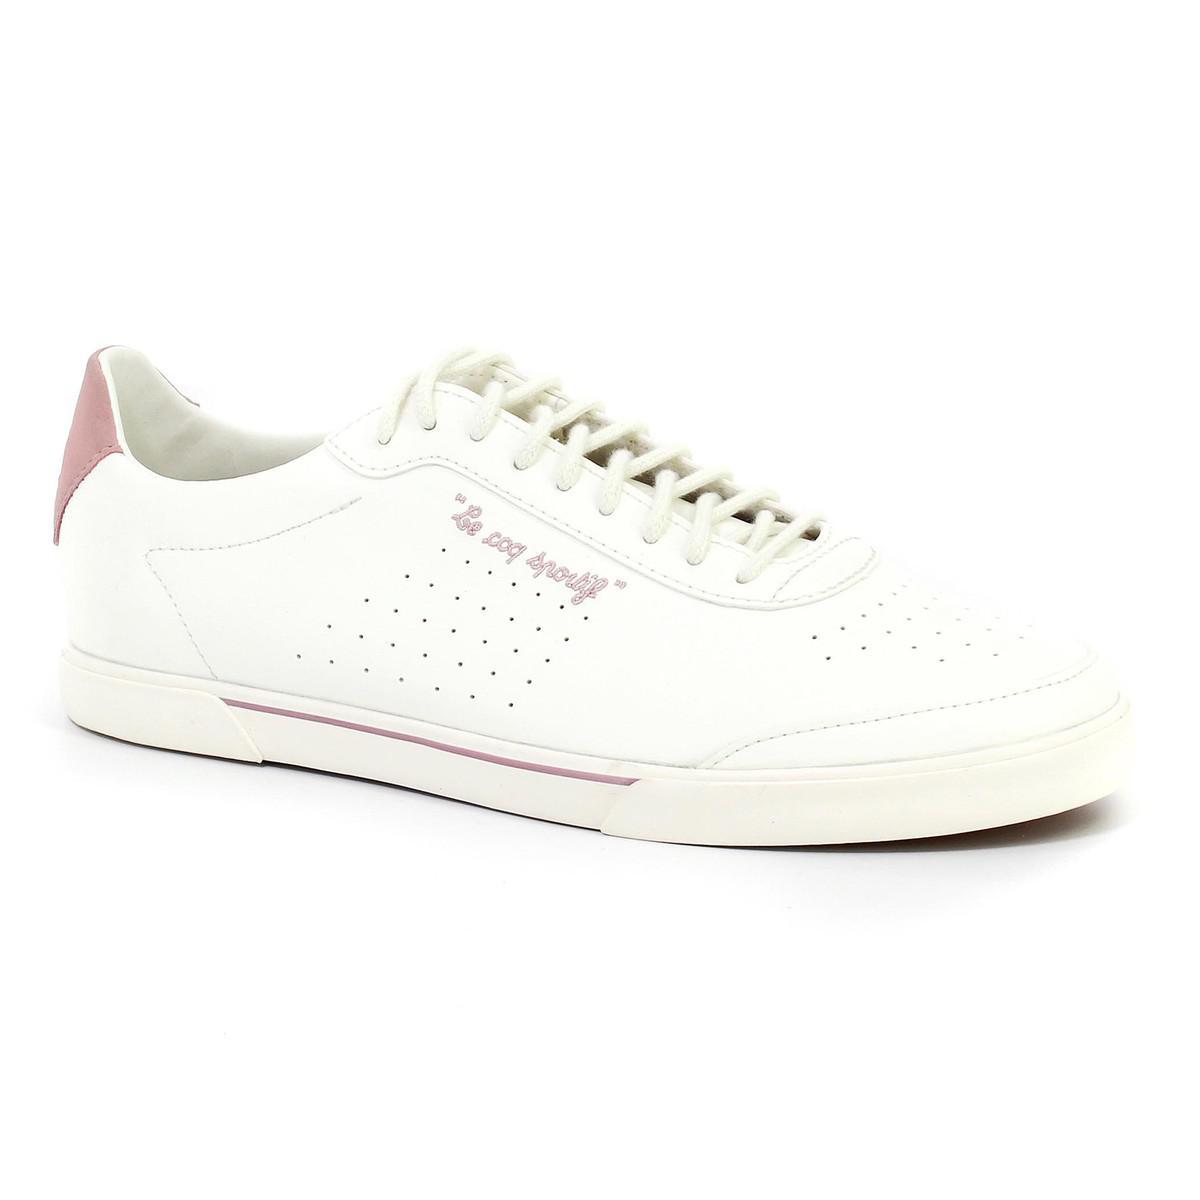 Gomme Lisa - Chaussures - Bas-tops Et Chaussures De Sport Le Coq Sportif EwXTOZc734